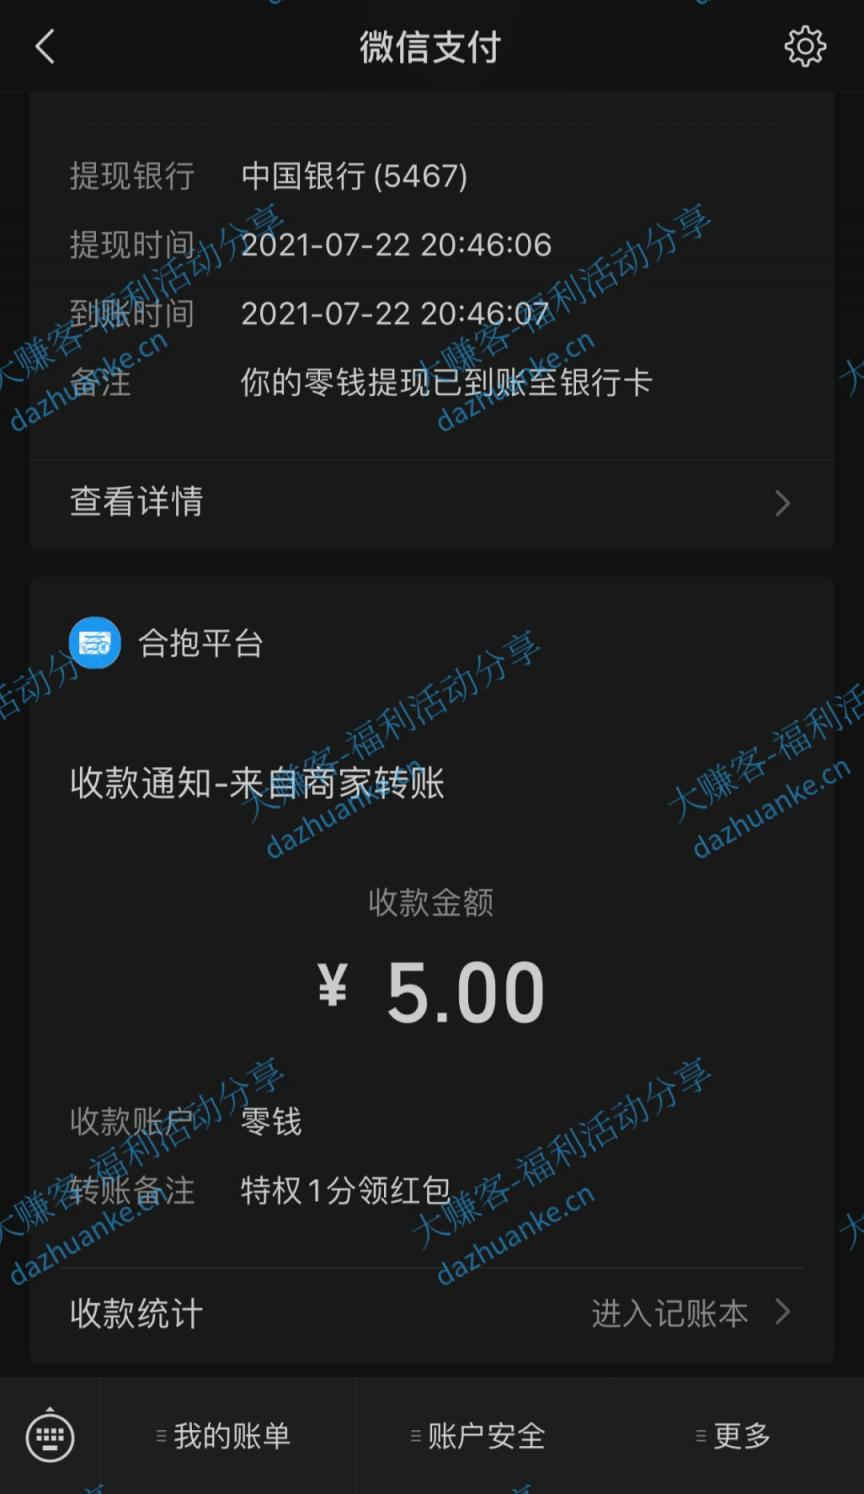 河北中国银行用户支付1分钱抽奖活动,必中至少5元现金红包。